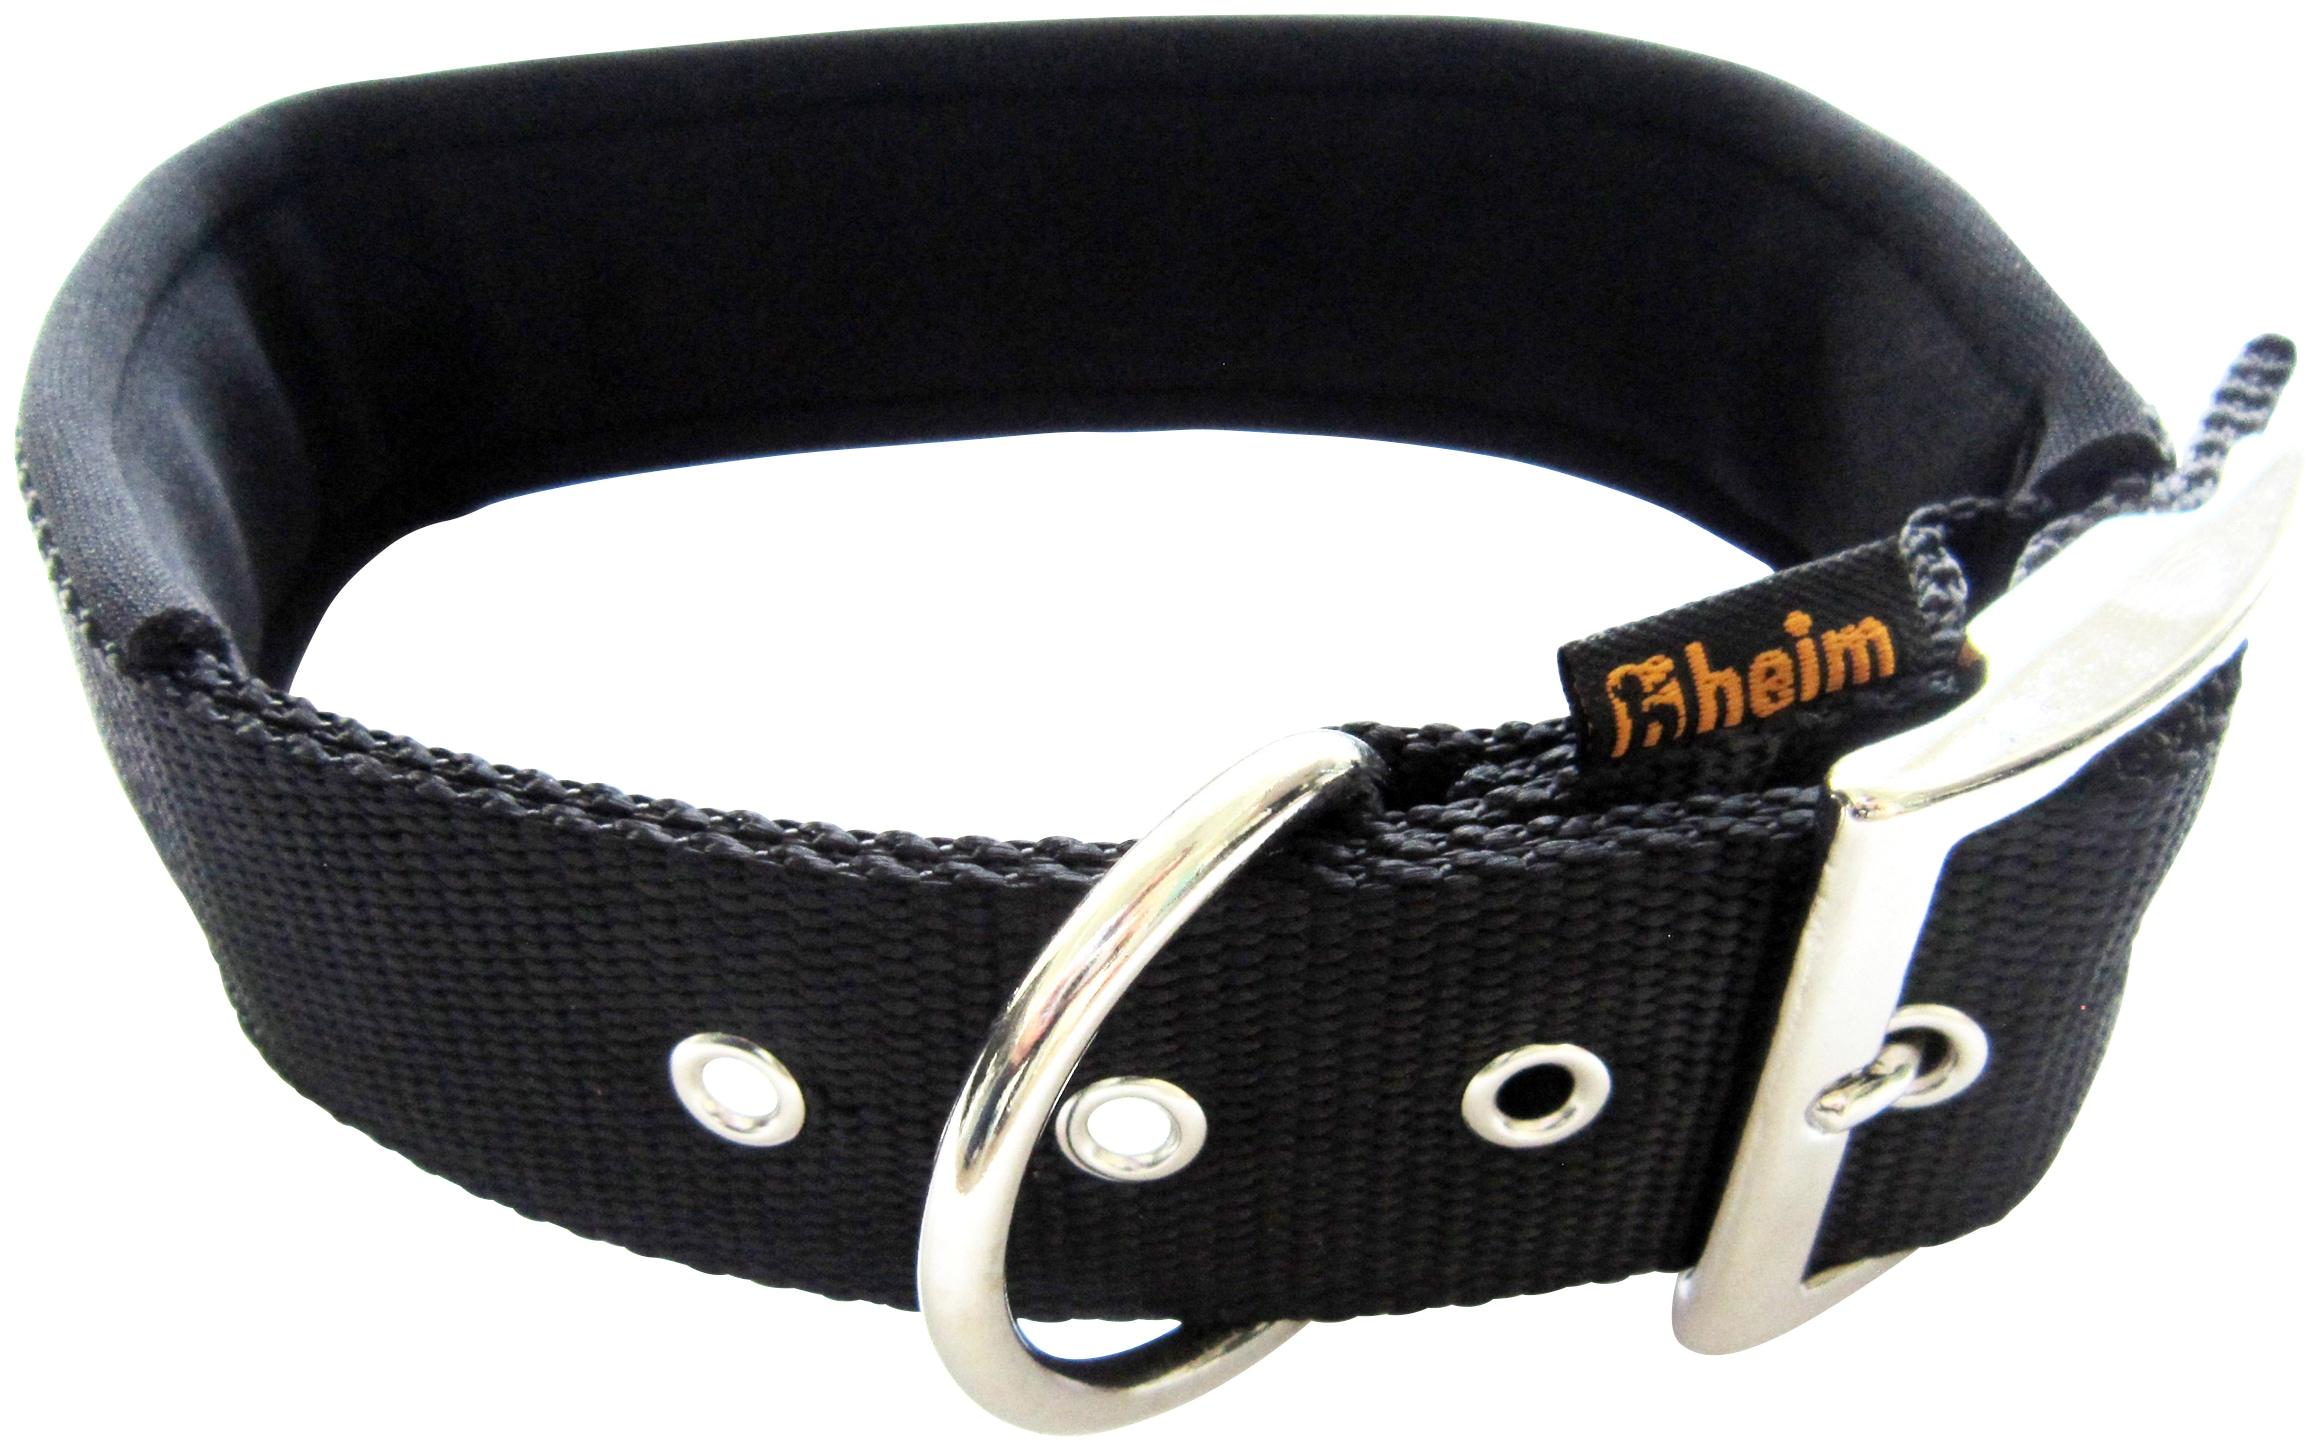 HEIM Hunde-Halsband, Nylon, mit Neopren-Futter, Länge: 40 cm schwarz Hunde-Halsband Hundehalsbänder Hund Tierbedarf